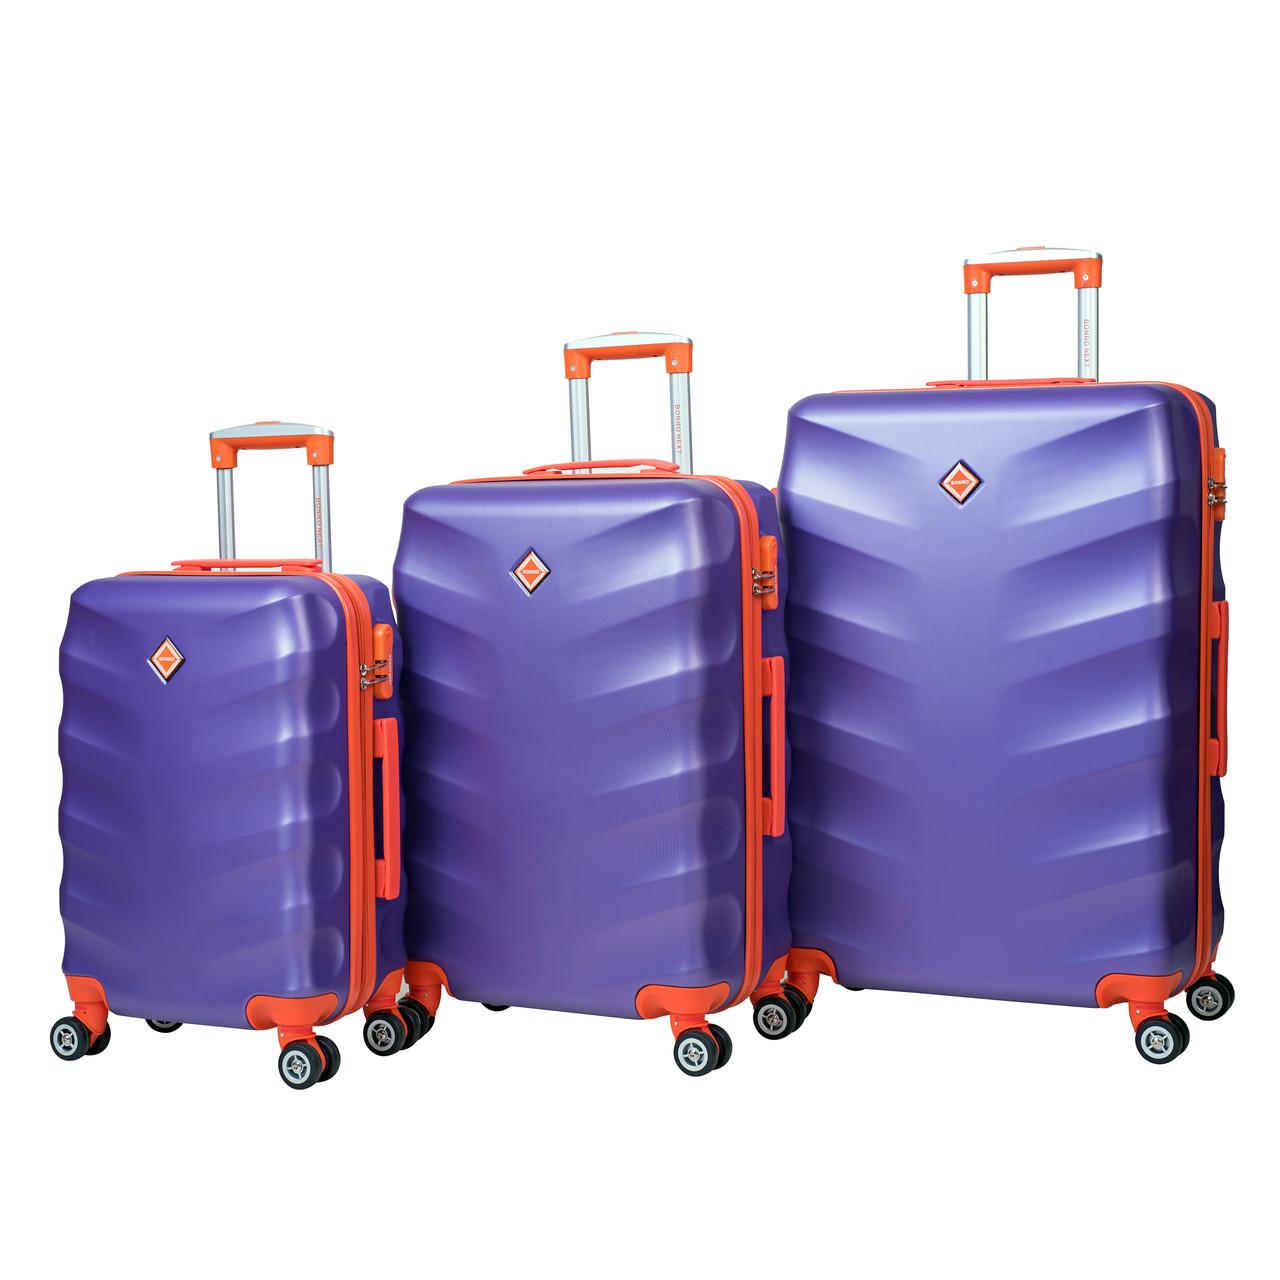 Чемодан Bonro Next набор 3 шт. фиолетовый